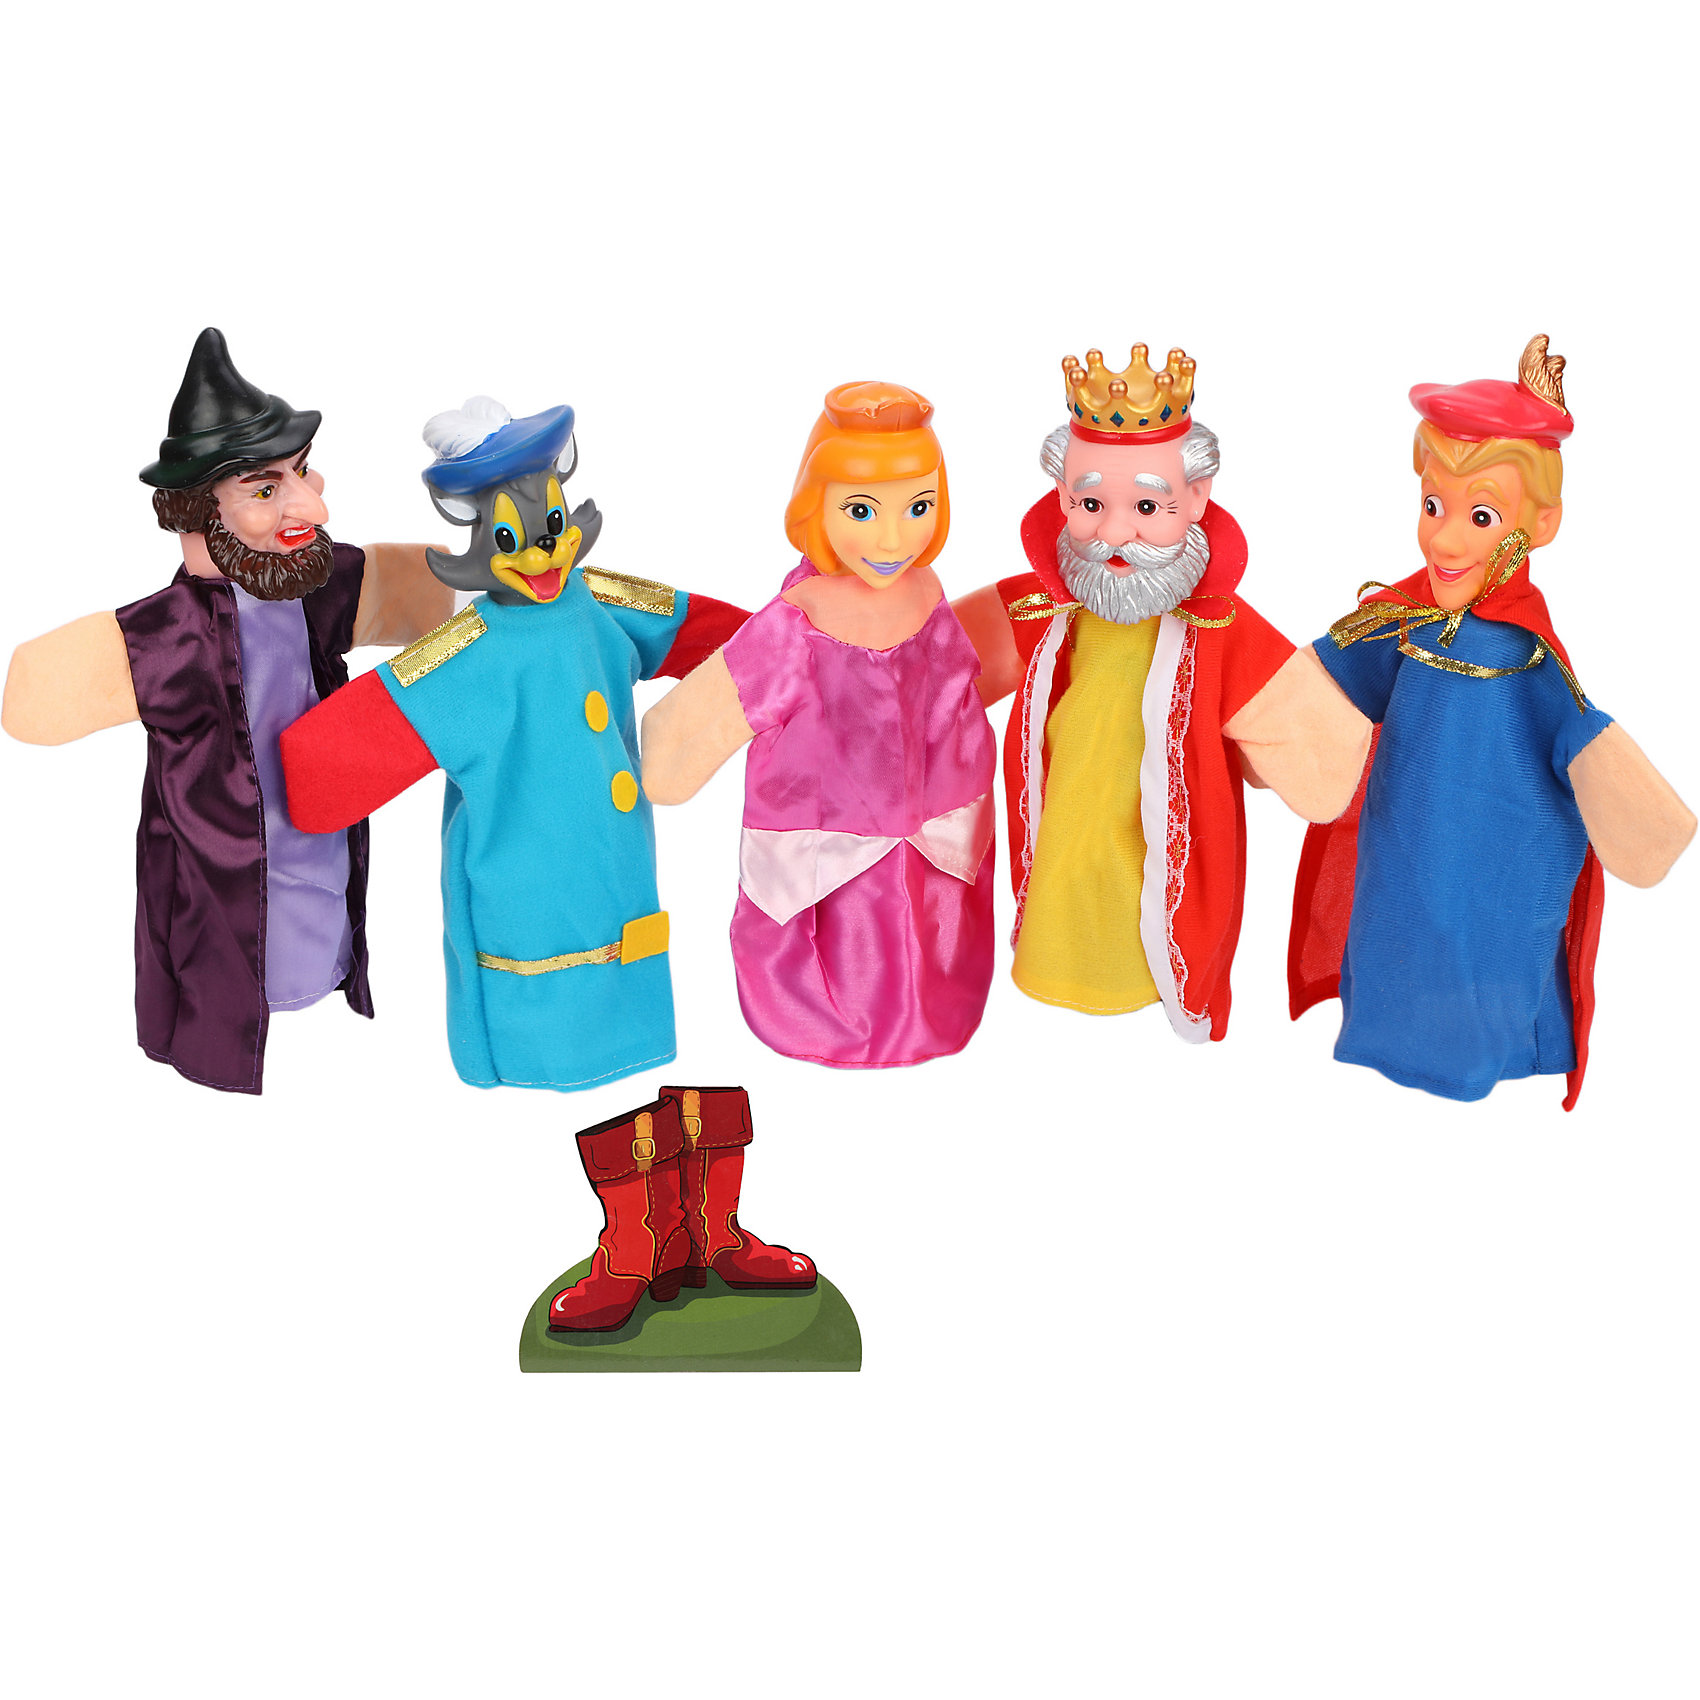 Кукольный театр Кот в сапогах, 5 кукол, ЖирафикиКукольный театр – настоящее искусство! Погрузите малыша в детский мир драмы с помощью уникальных игрушек – кукол! Играйте с ребенком вместе, показывайте ему свое представление или устройте настоящий домашний спектакль перед родными. Игра такого плана развивает у малыша актерские способности, любовь к выступлениям на публике, а так же улучшает творческие способности и развивает фантазию и воображение. Материалы, использованные при изготовлении товара, абсолютно безопасны и отвечают всем международным требованиям по качеству.<br><br>Дополнительные характеристики:<br><br>материал: пластик, ПВХ;<br>цвет: разноцветный;<br>количество: 5 кукол.<br><br>Кукольный театр Кот в сапогах от компании Жирафики можно приобрести в нашем магазине.<br><br>Ширина мм: 587<br>Глубина мм: 473<br>Высота мм: 419<br>Вес г: 500<br>Возраст от месяцев: 36<br>Возраст до месяцев: 96<br>Пол: Унисекс<br>Возраст: Детский<br>SKU: 5032543